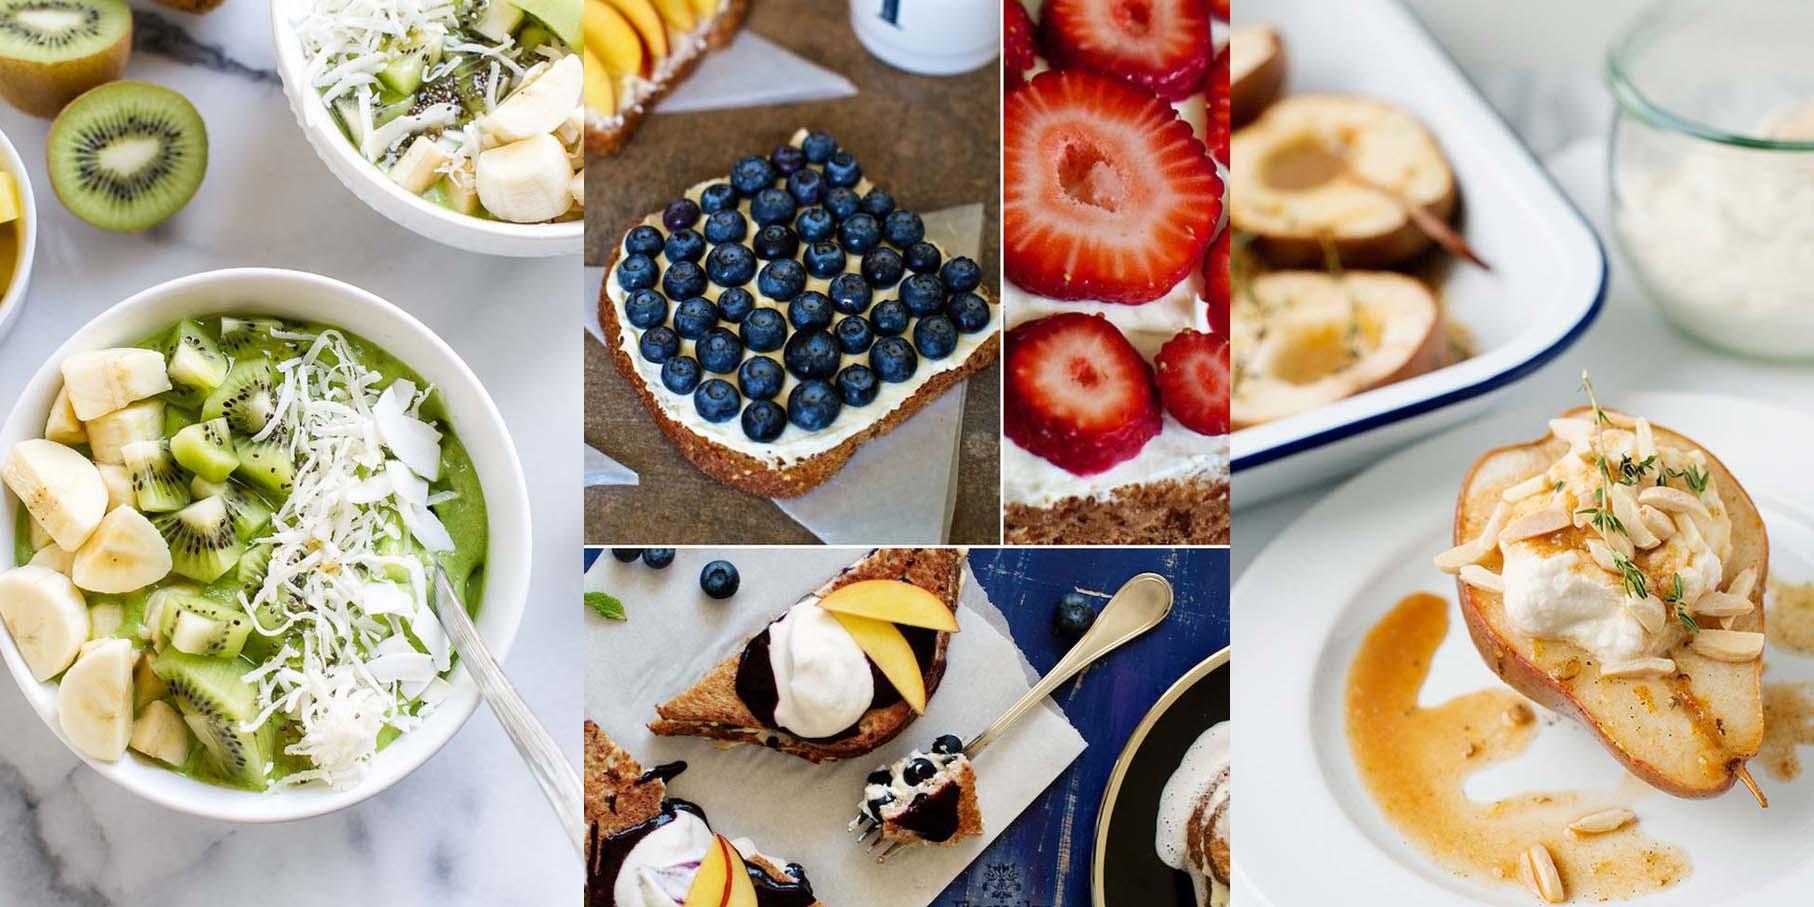 Masz dosyć ciężkostrawnych, oklepanych śniadań? Świetnie trafiłeś - tych 15 pomysłów na owocowe śniadania zmieni Twoje życie!